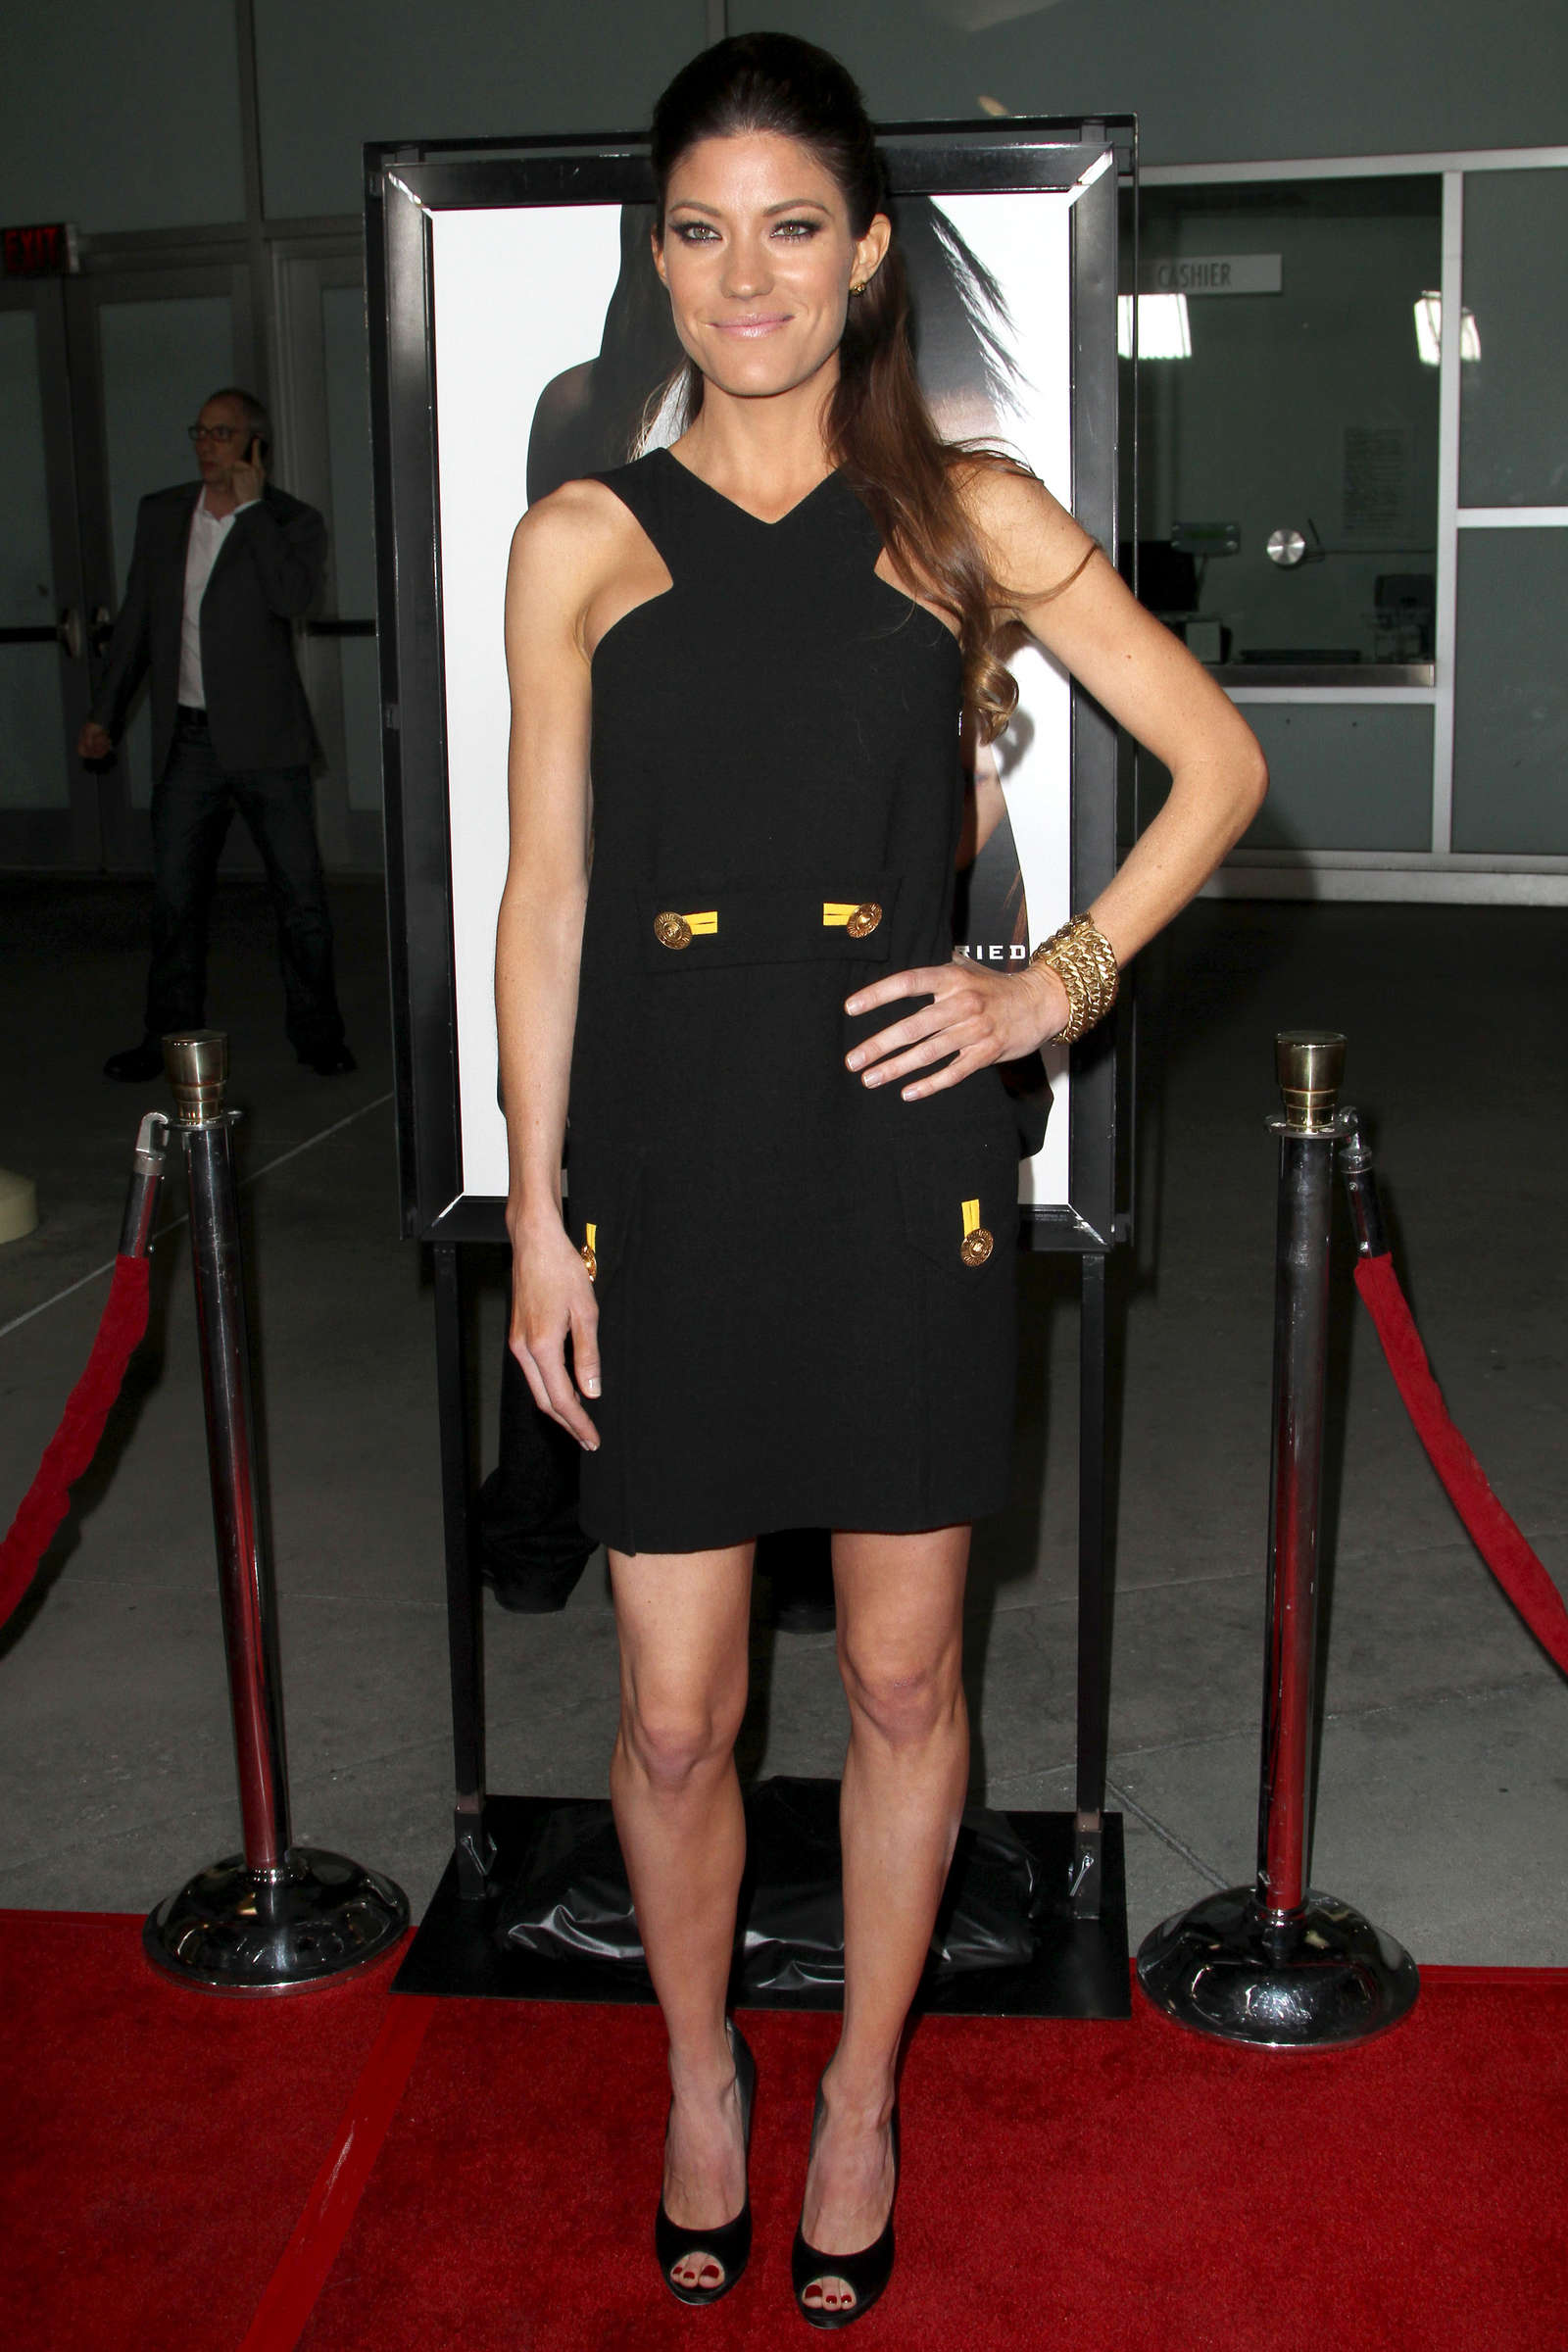 Jennifer Carpenter at Gone Los Angeles Premiere